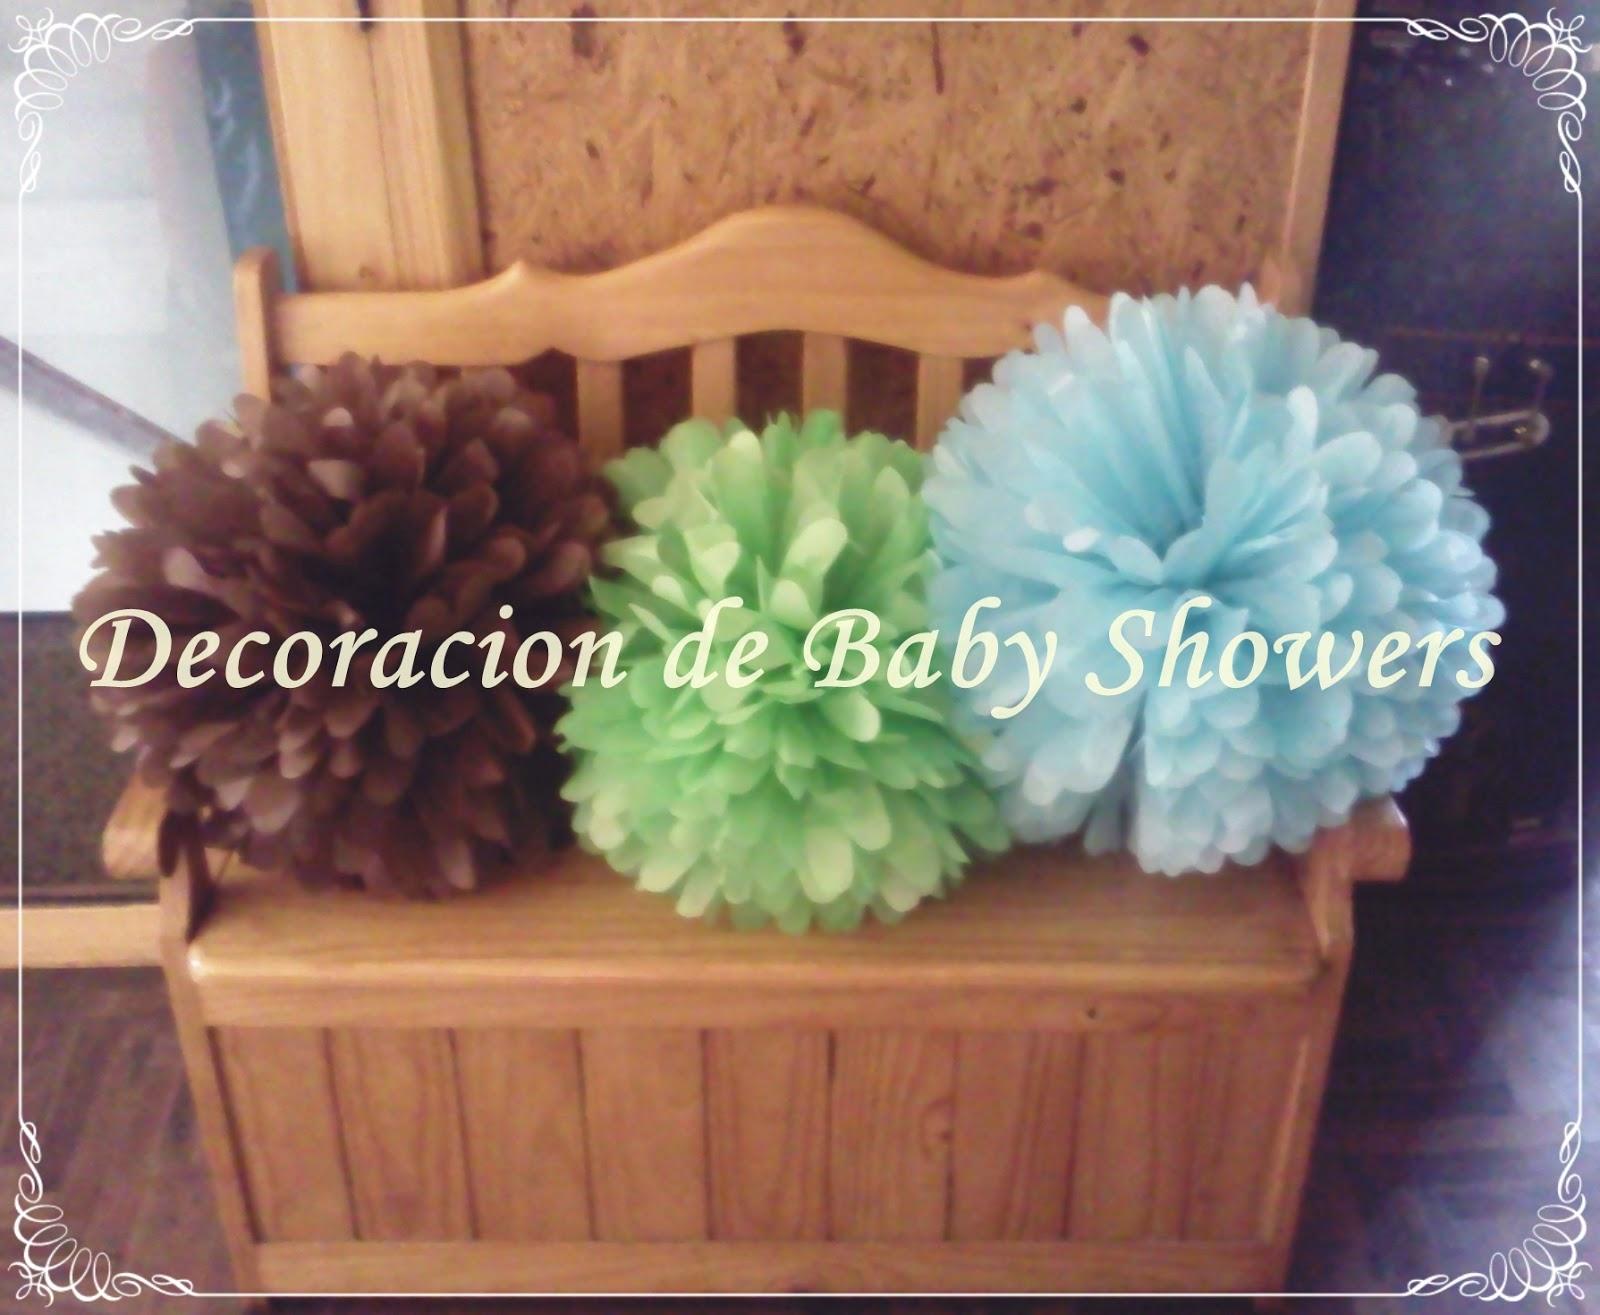 Decoracion de baby shower - Decoracion para baby shower ...